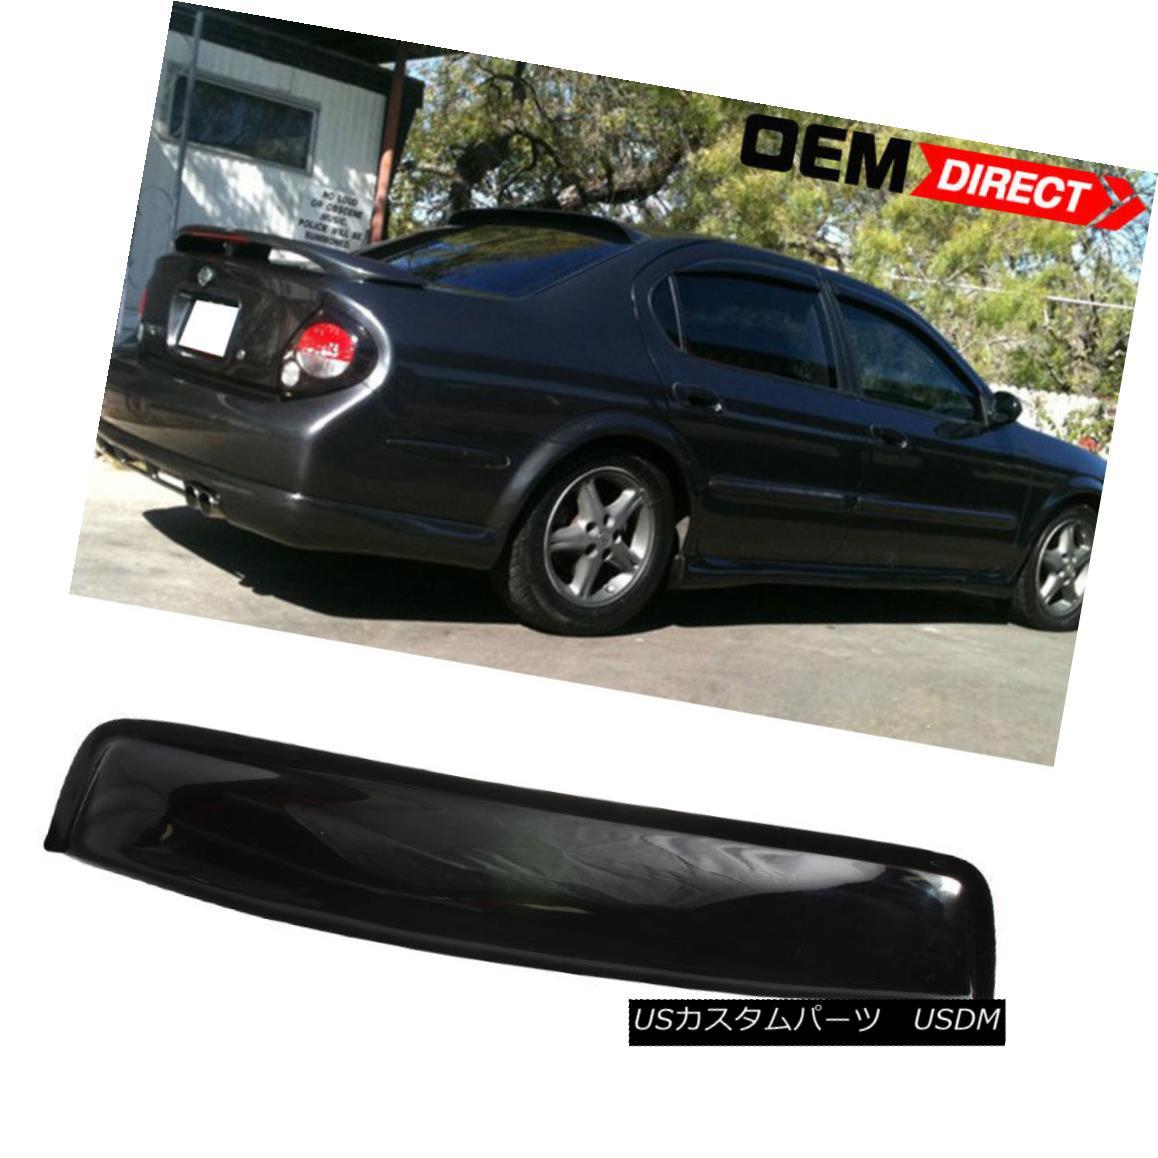 エアロパーツ For 00-03 Nissan Maxima A33 OE Style 4Dr Sedan Acrylic Rear Window Visor 00?03日産マキシマA33 OEスタイル4Drセダンアクリルリアウィンドウバイザー